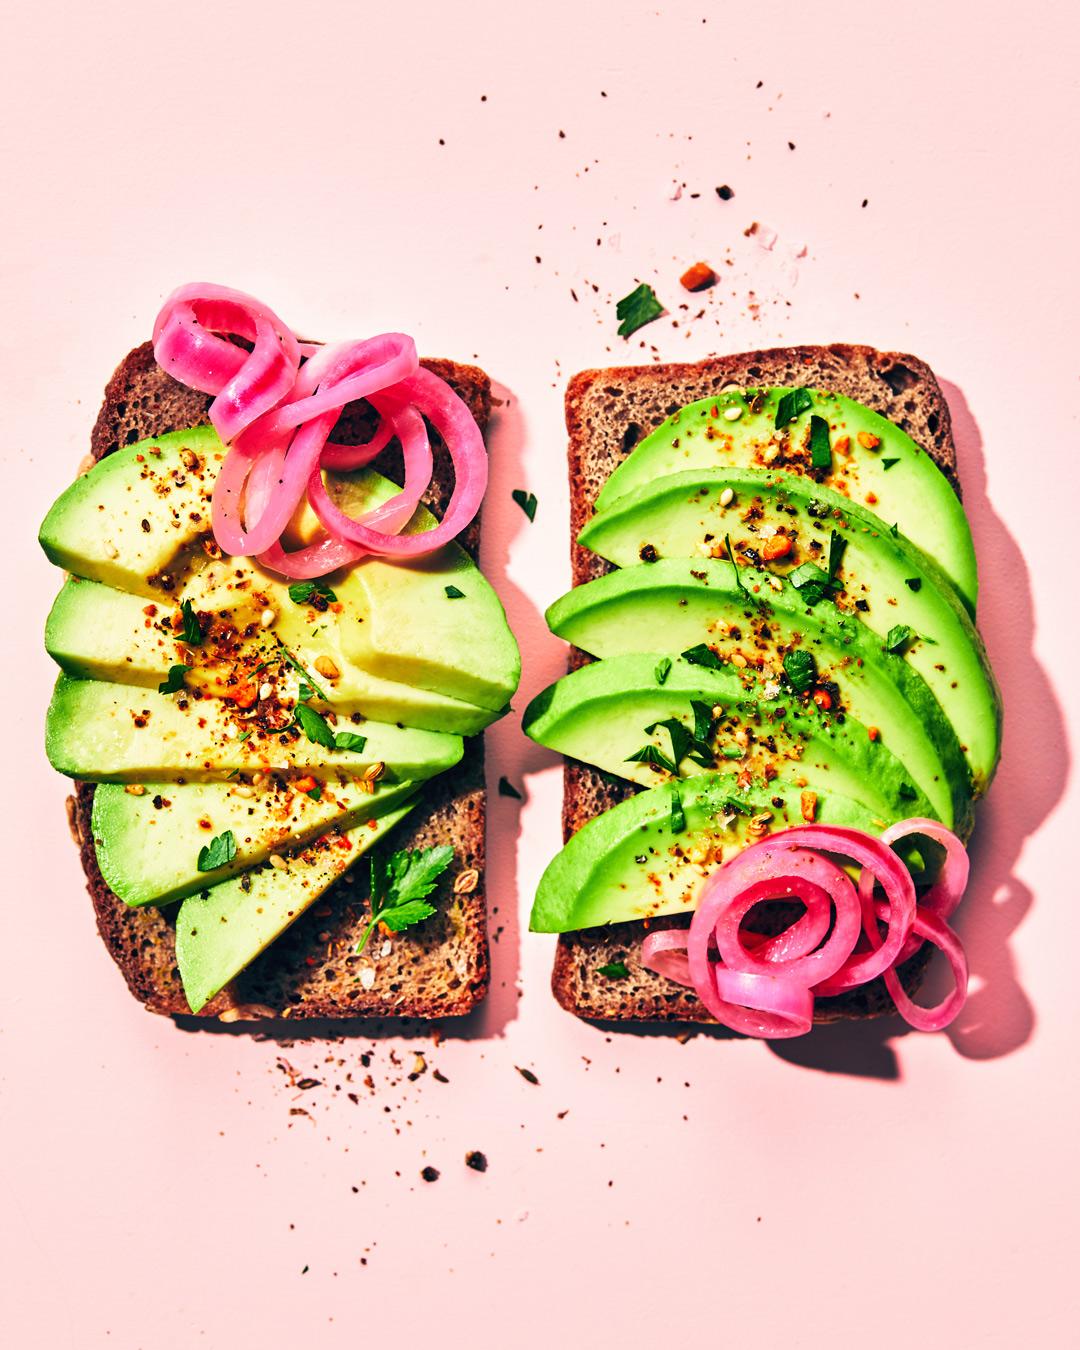 avo-toast-4x5-2.jpg